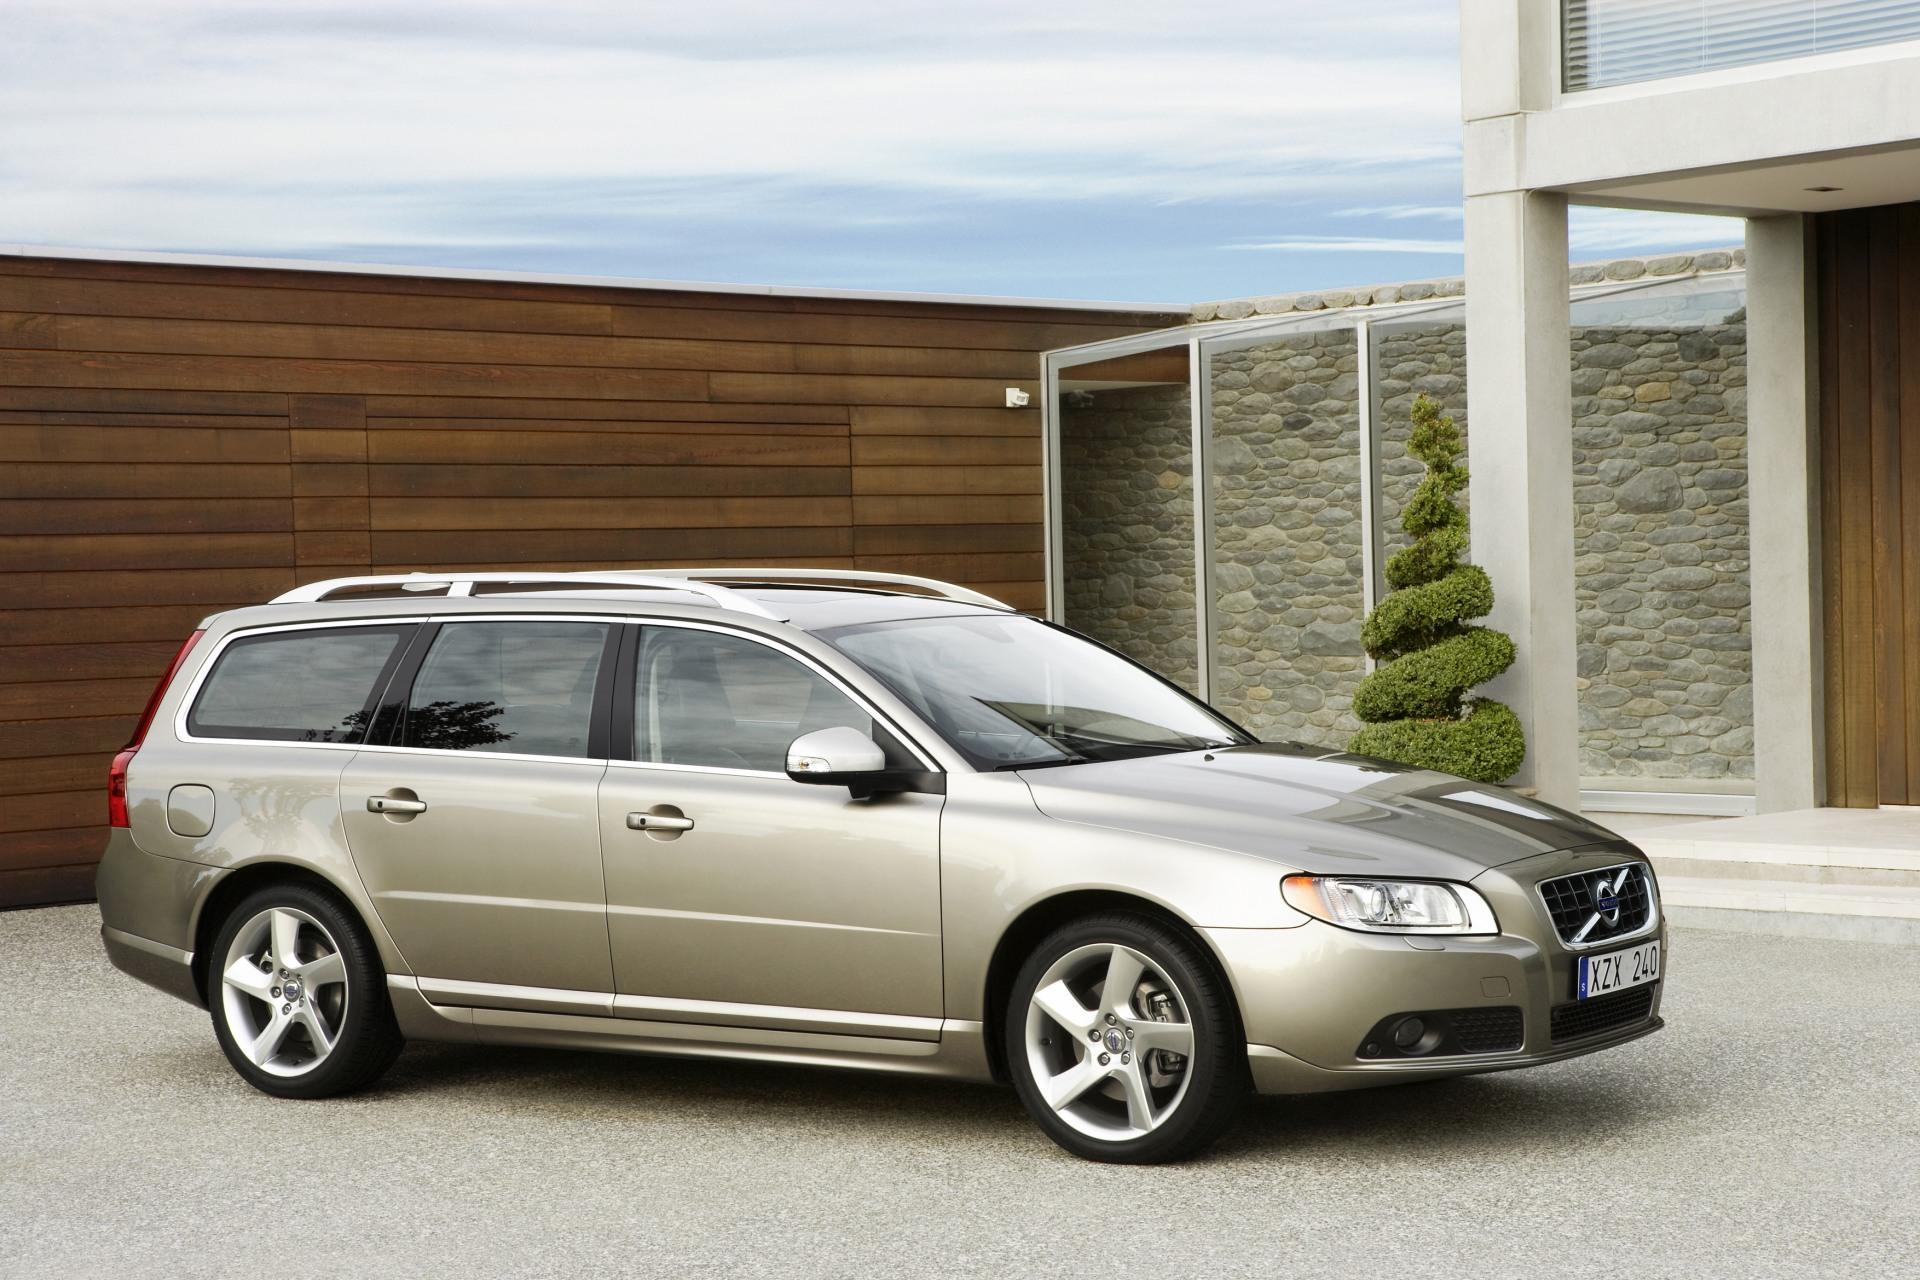 2010 Volvo V70 News and Information | conceptcarz.com